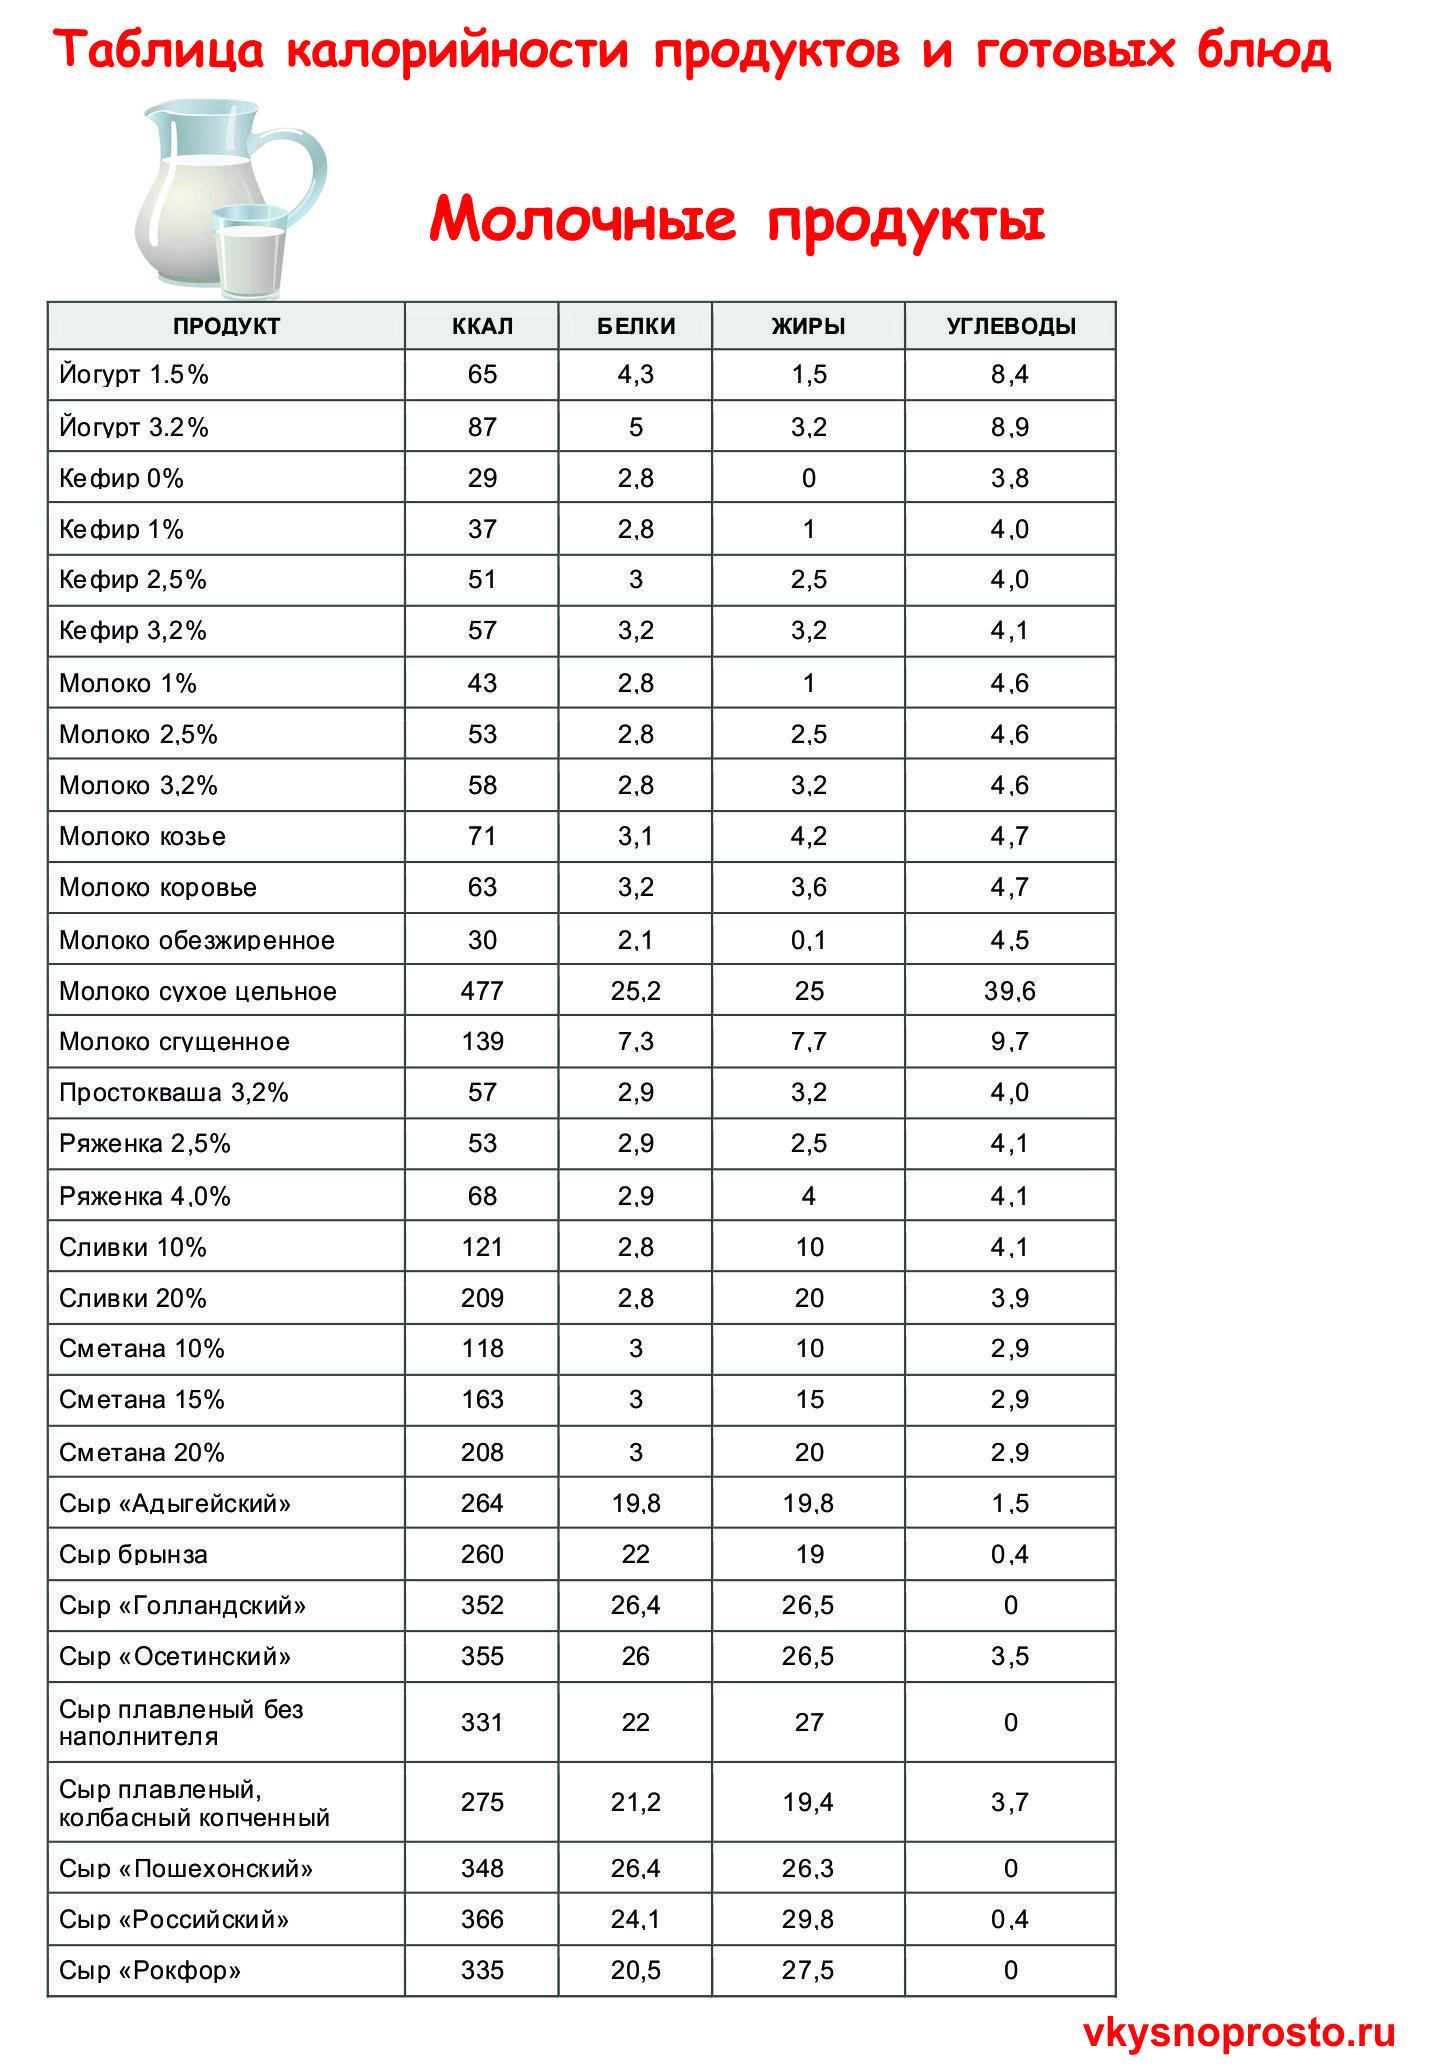 таблица калорийности продуктов блюд похудения